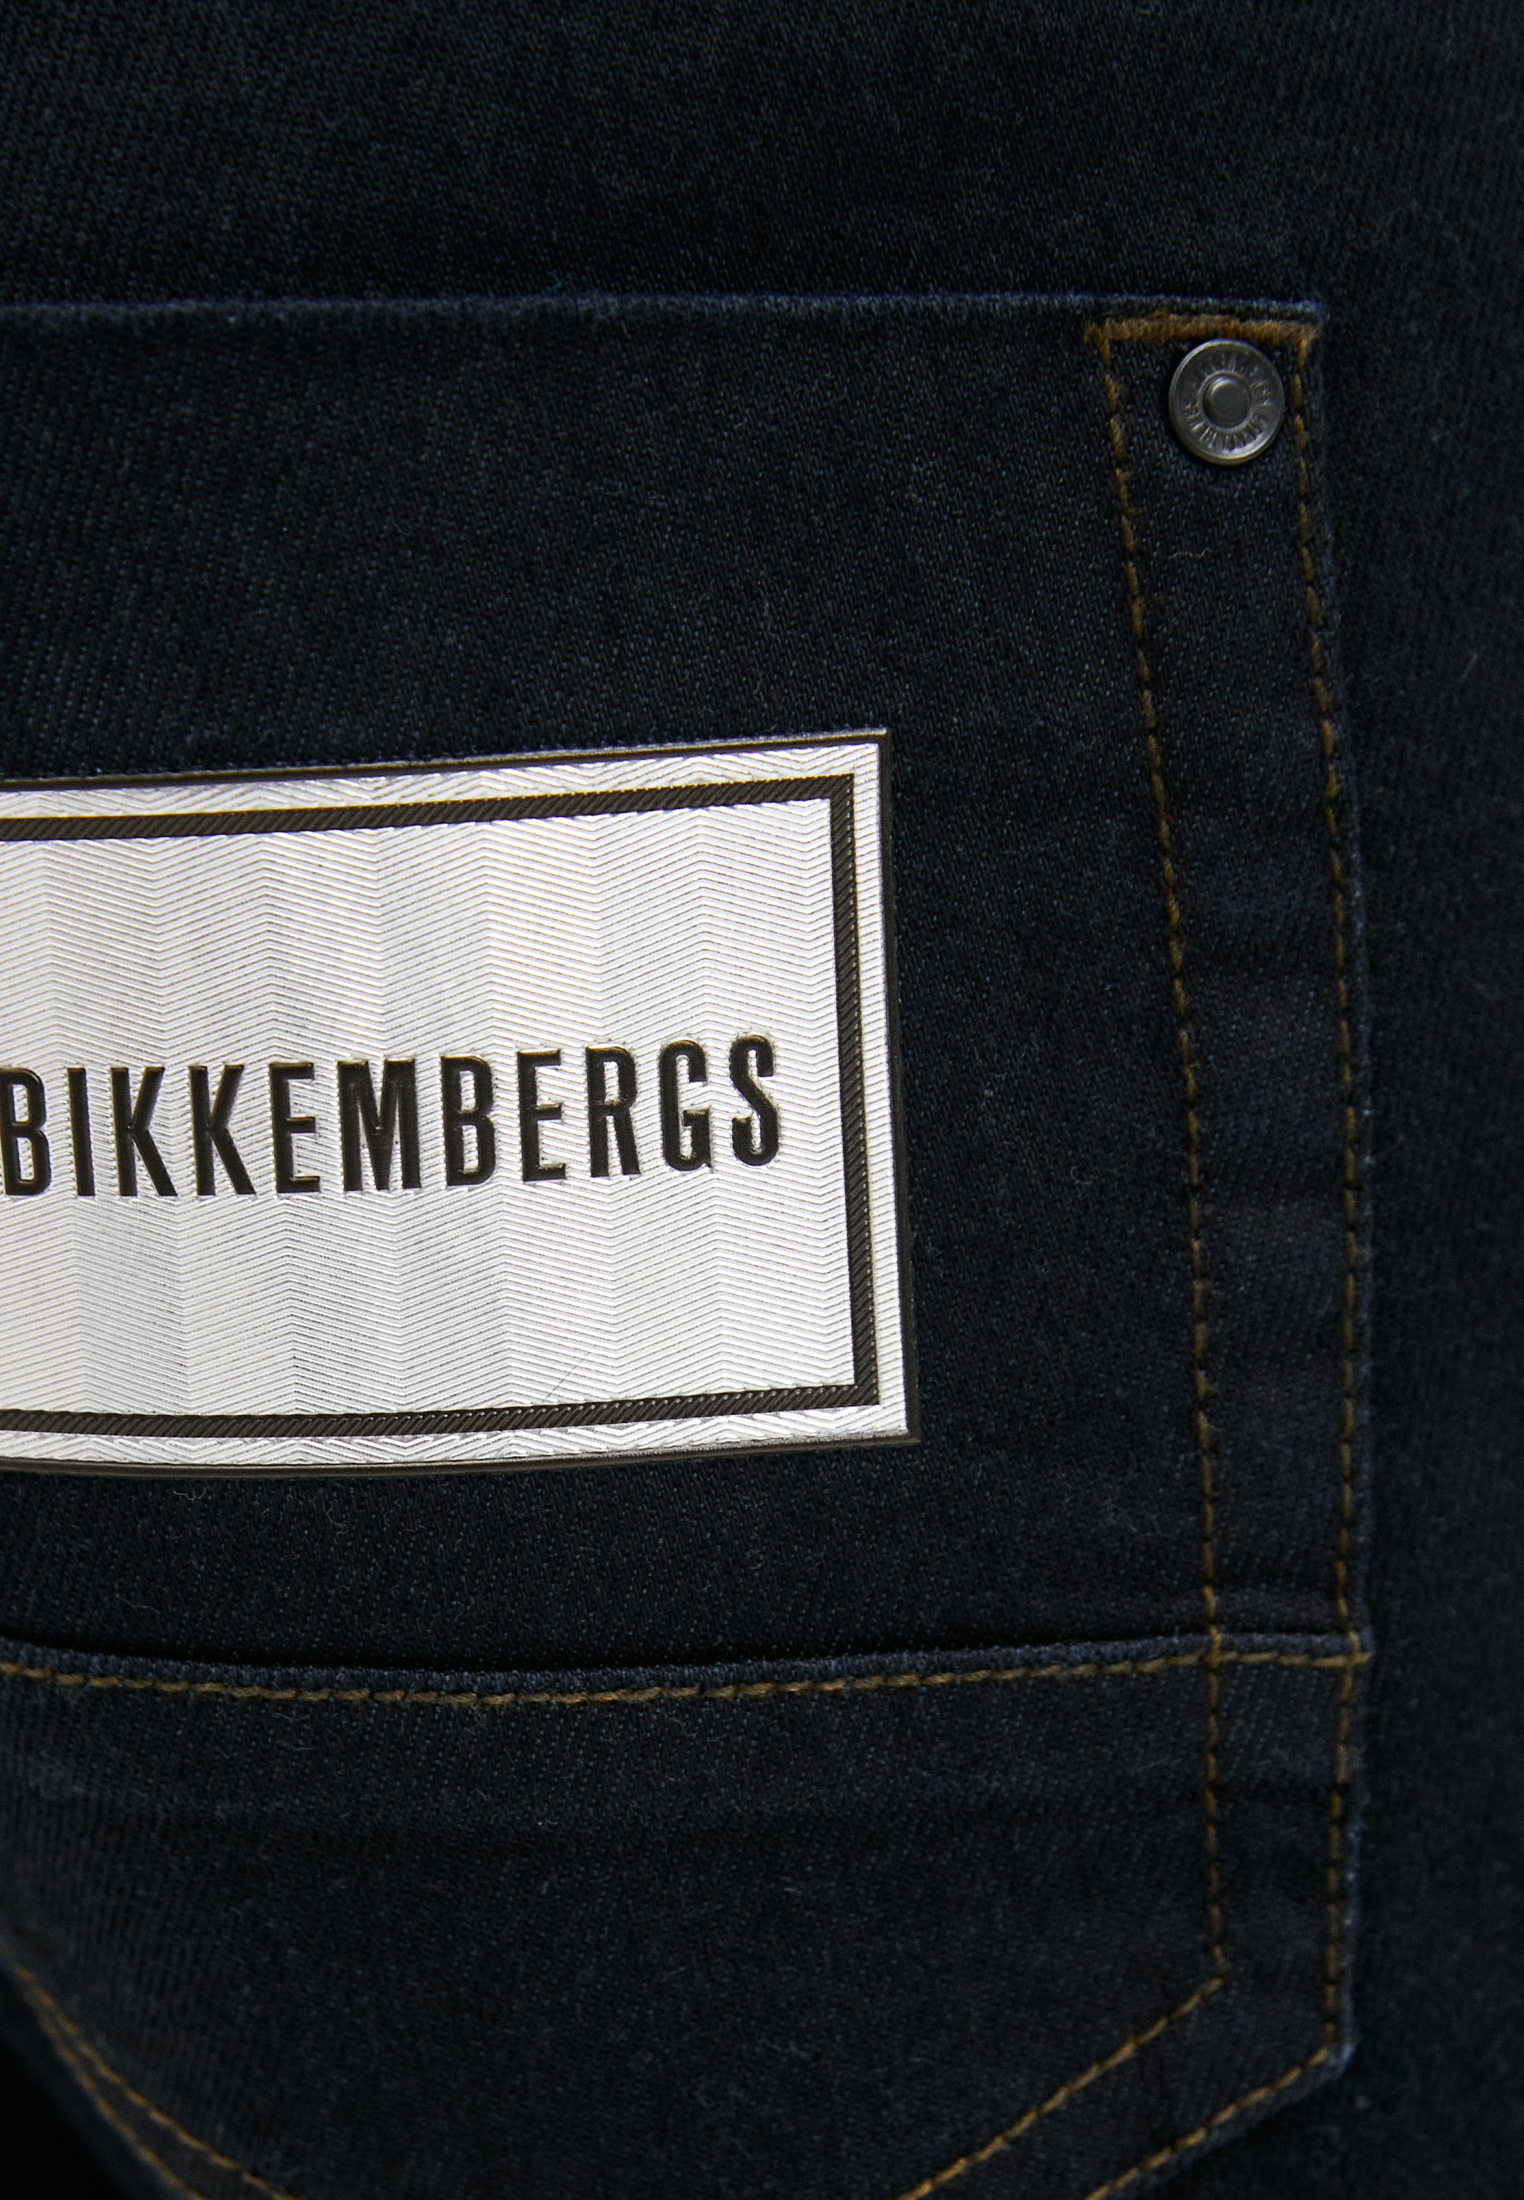 Мужские прямые джинсы Bikkembergs (Биккембергс) C Q 101 01 S 3333: изображение 10